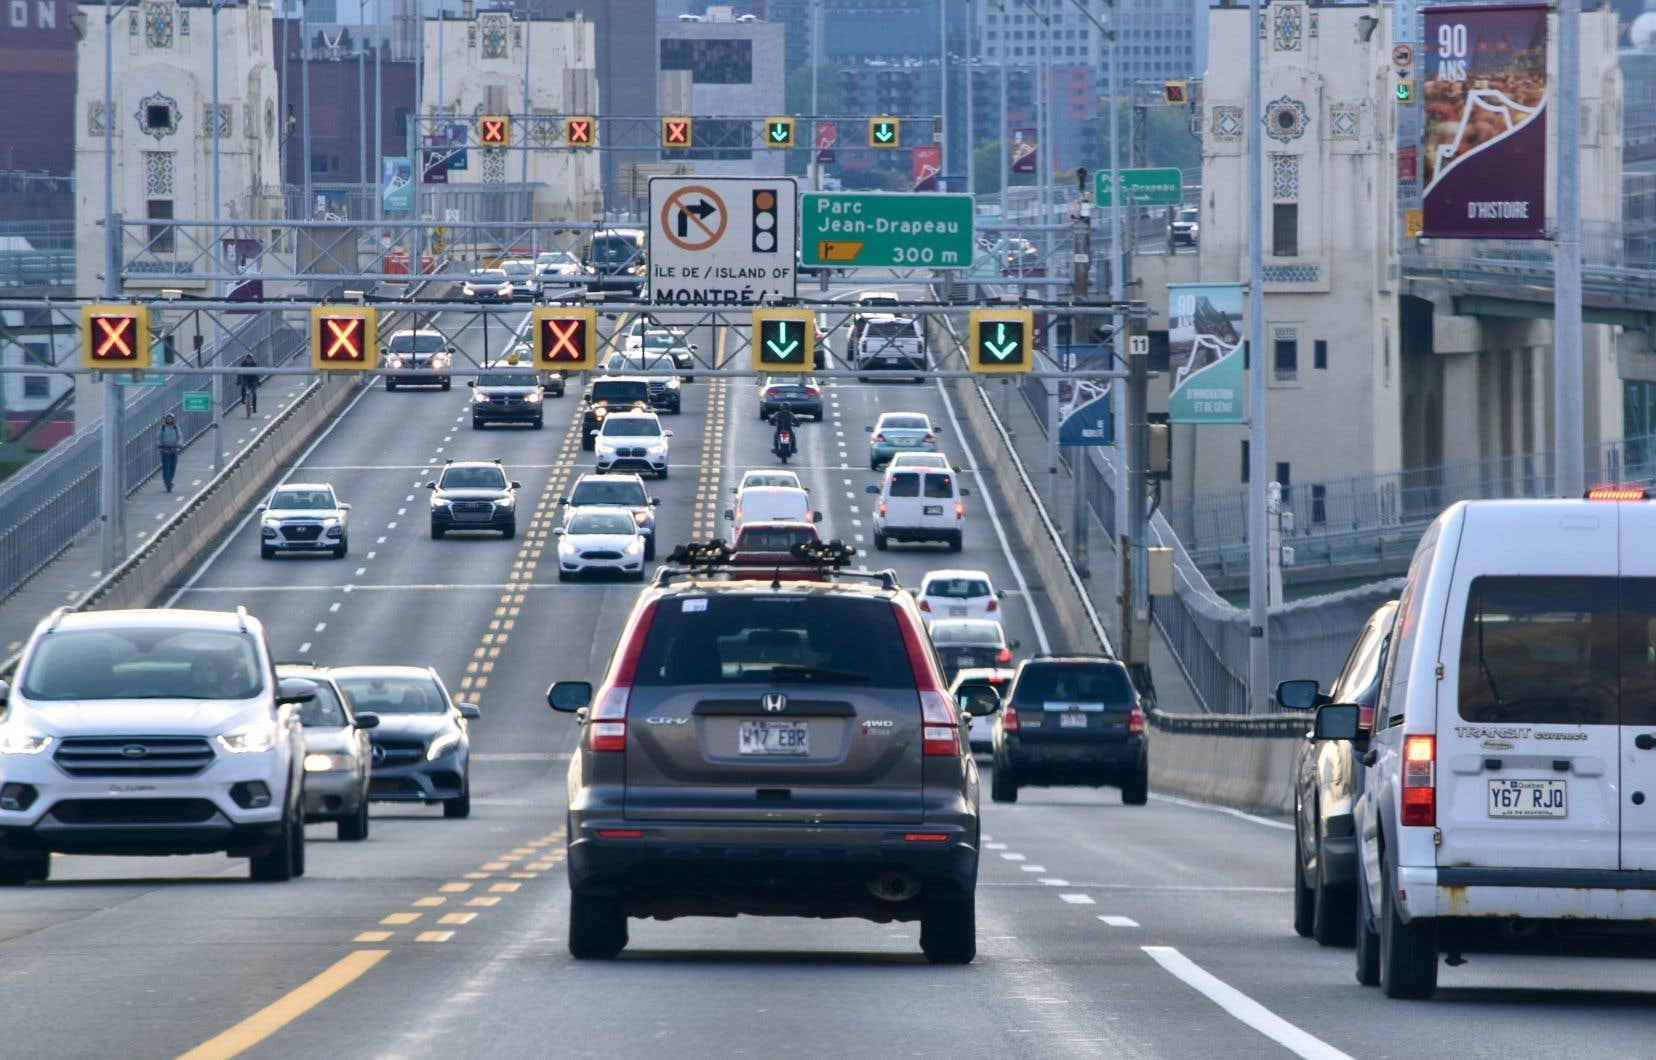 Équiterre demande au gouvernement de revoir les crédits qu'il accorde aux constructeurs automobiles pour qu'ils produisent davantage de petits véhicules et d'uniformiser les normes encadrant la consommation de carburant des véhicules.